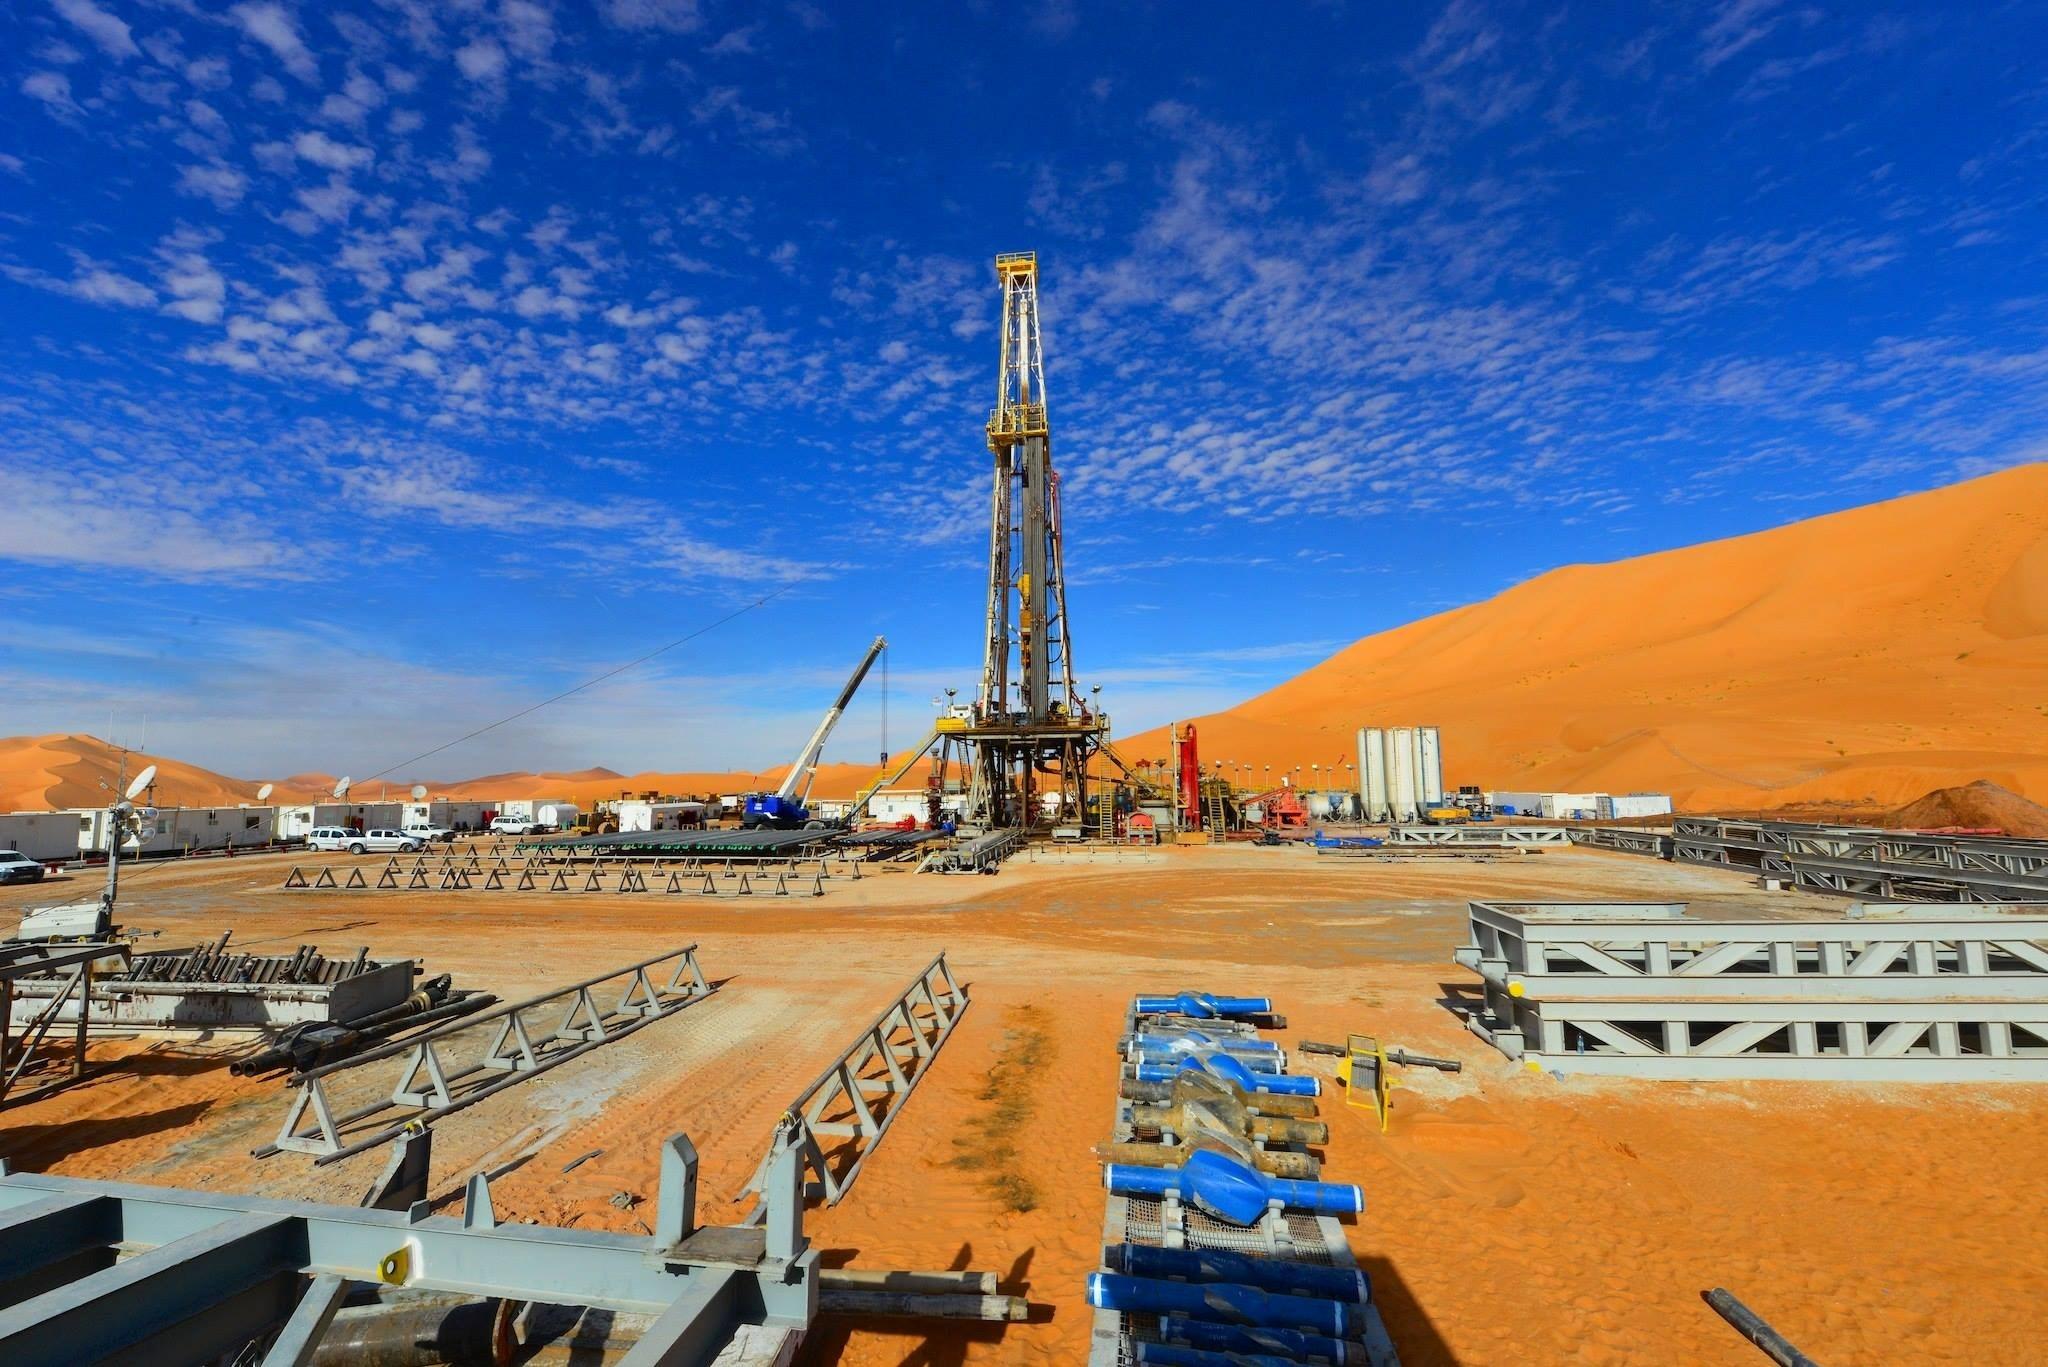 تنتج الجزائر نحو 1.2 مليون برميل يومياً من خام النفط